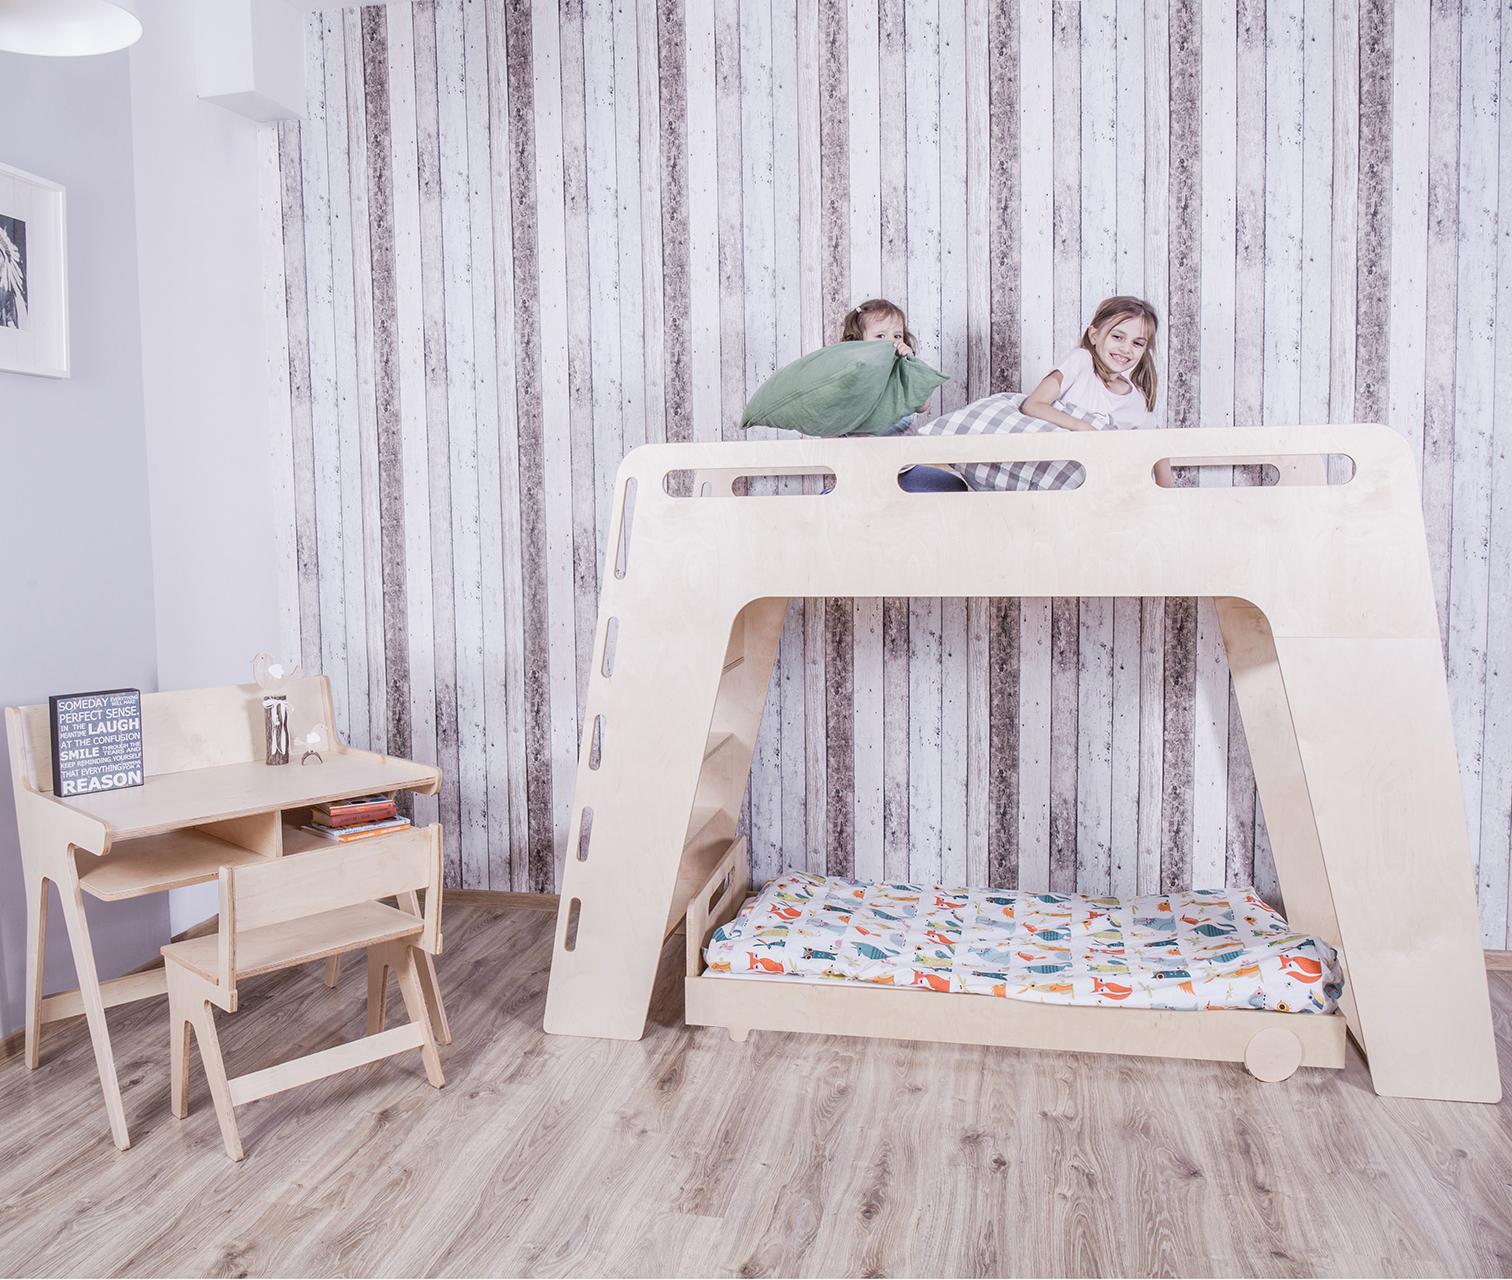 Łóżko piętrowe ze sklejki